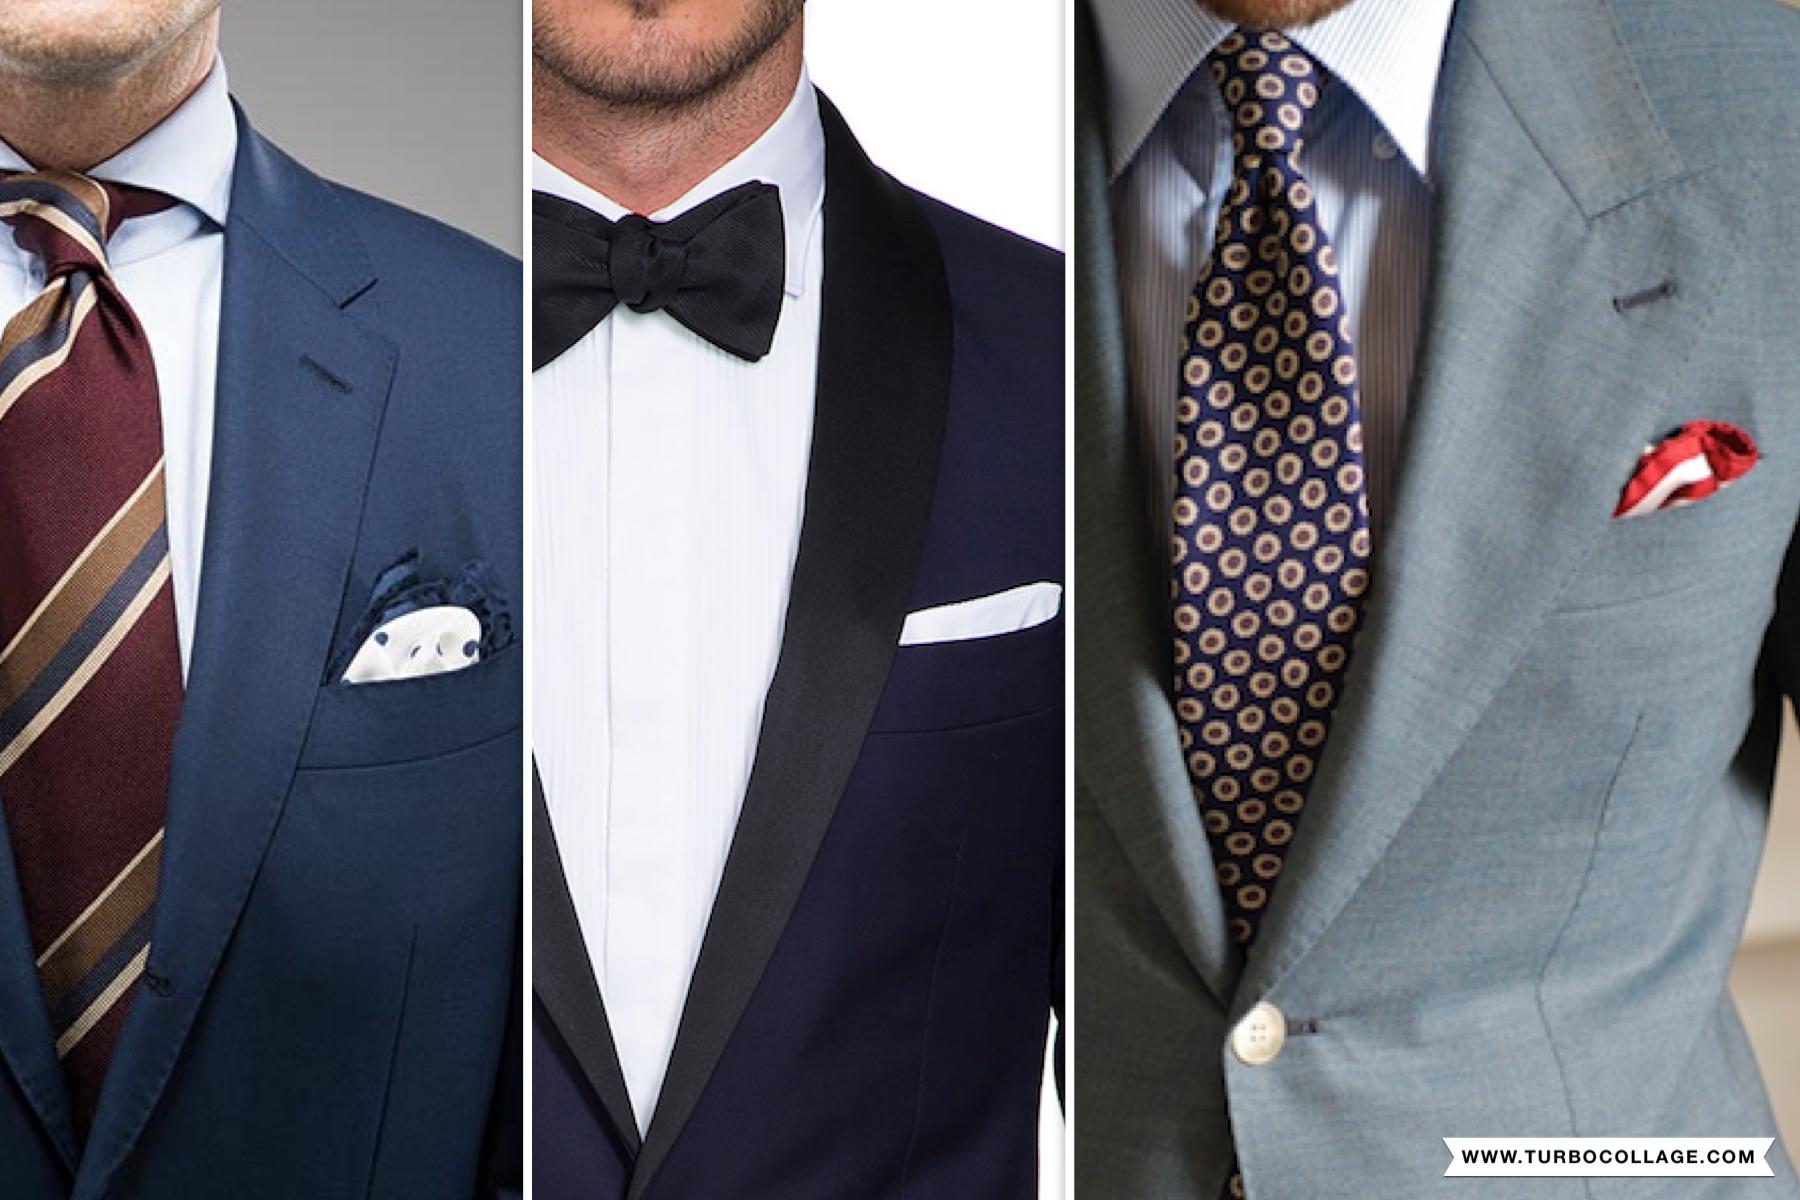 52e1cf037883 Klopňa na obleku - Aké máme možnosti  - Kódex Gentlemana